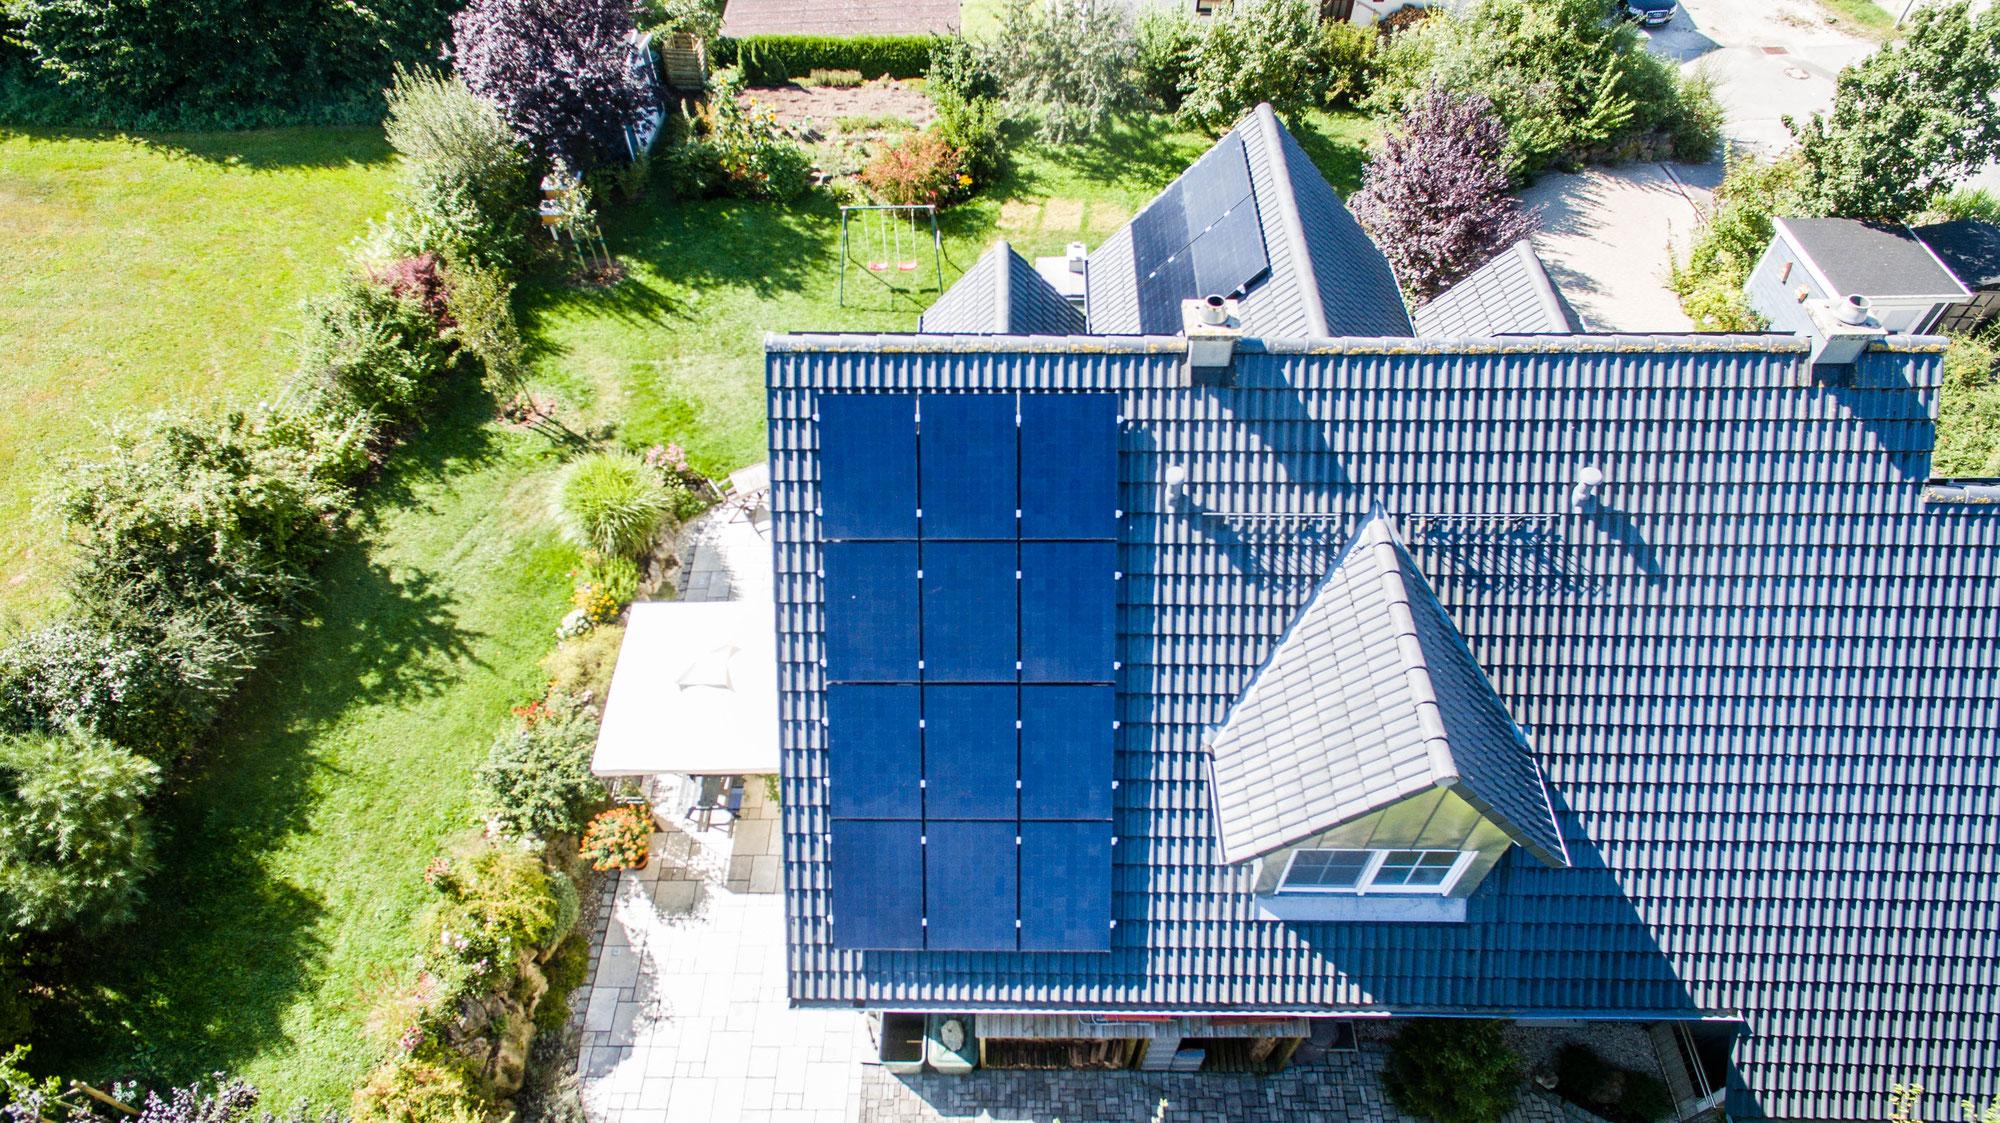 Förderung Photovoltaik Nürnberg